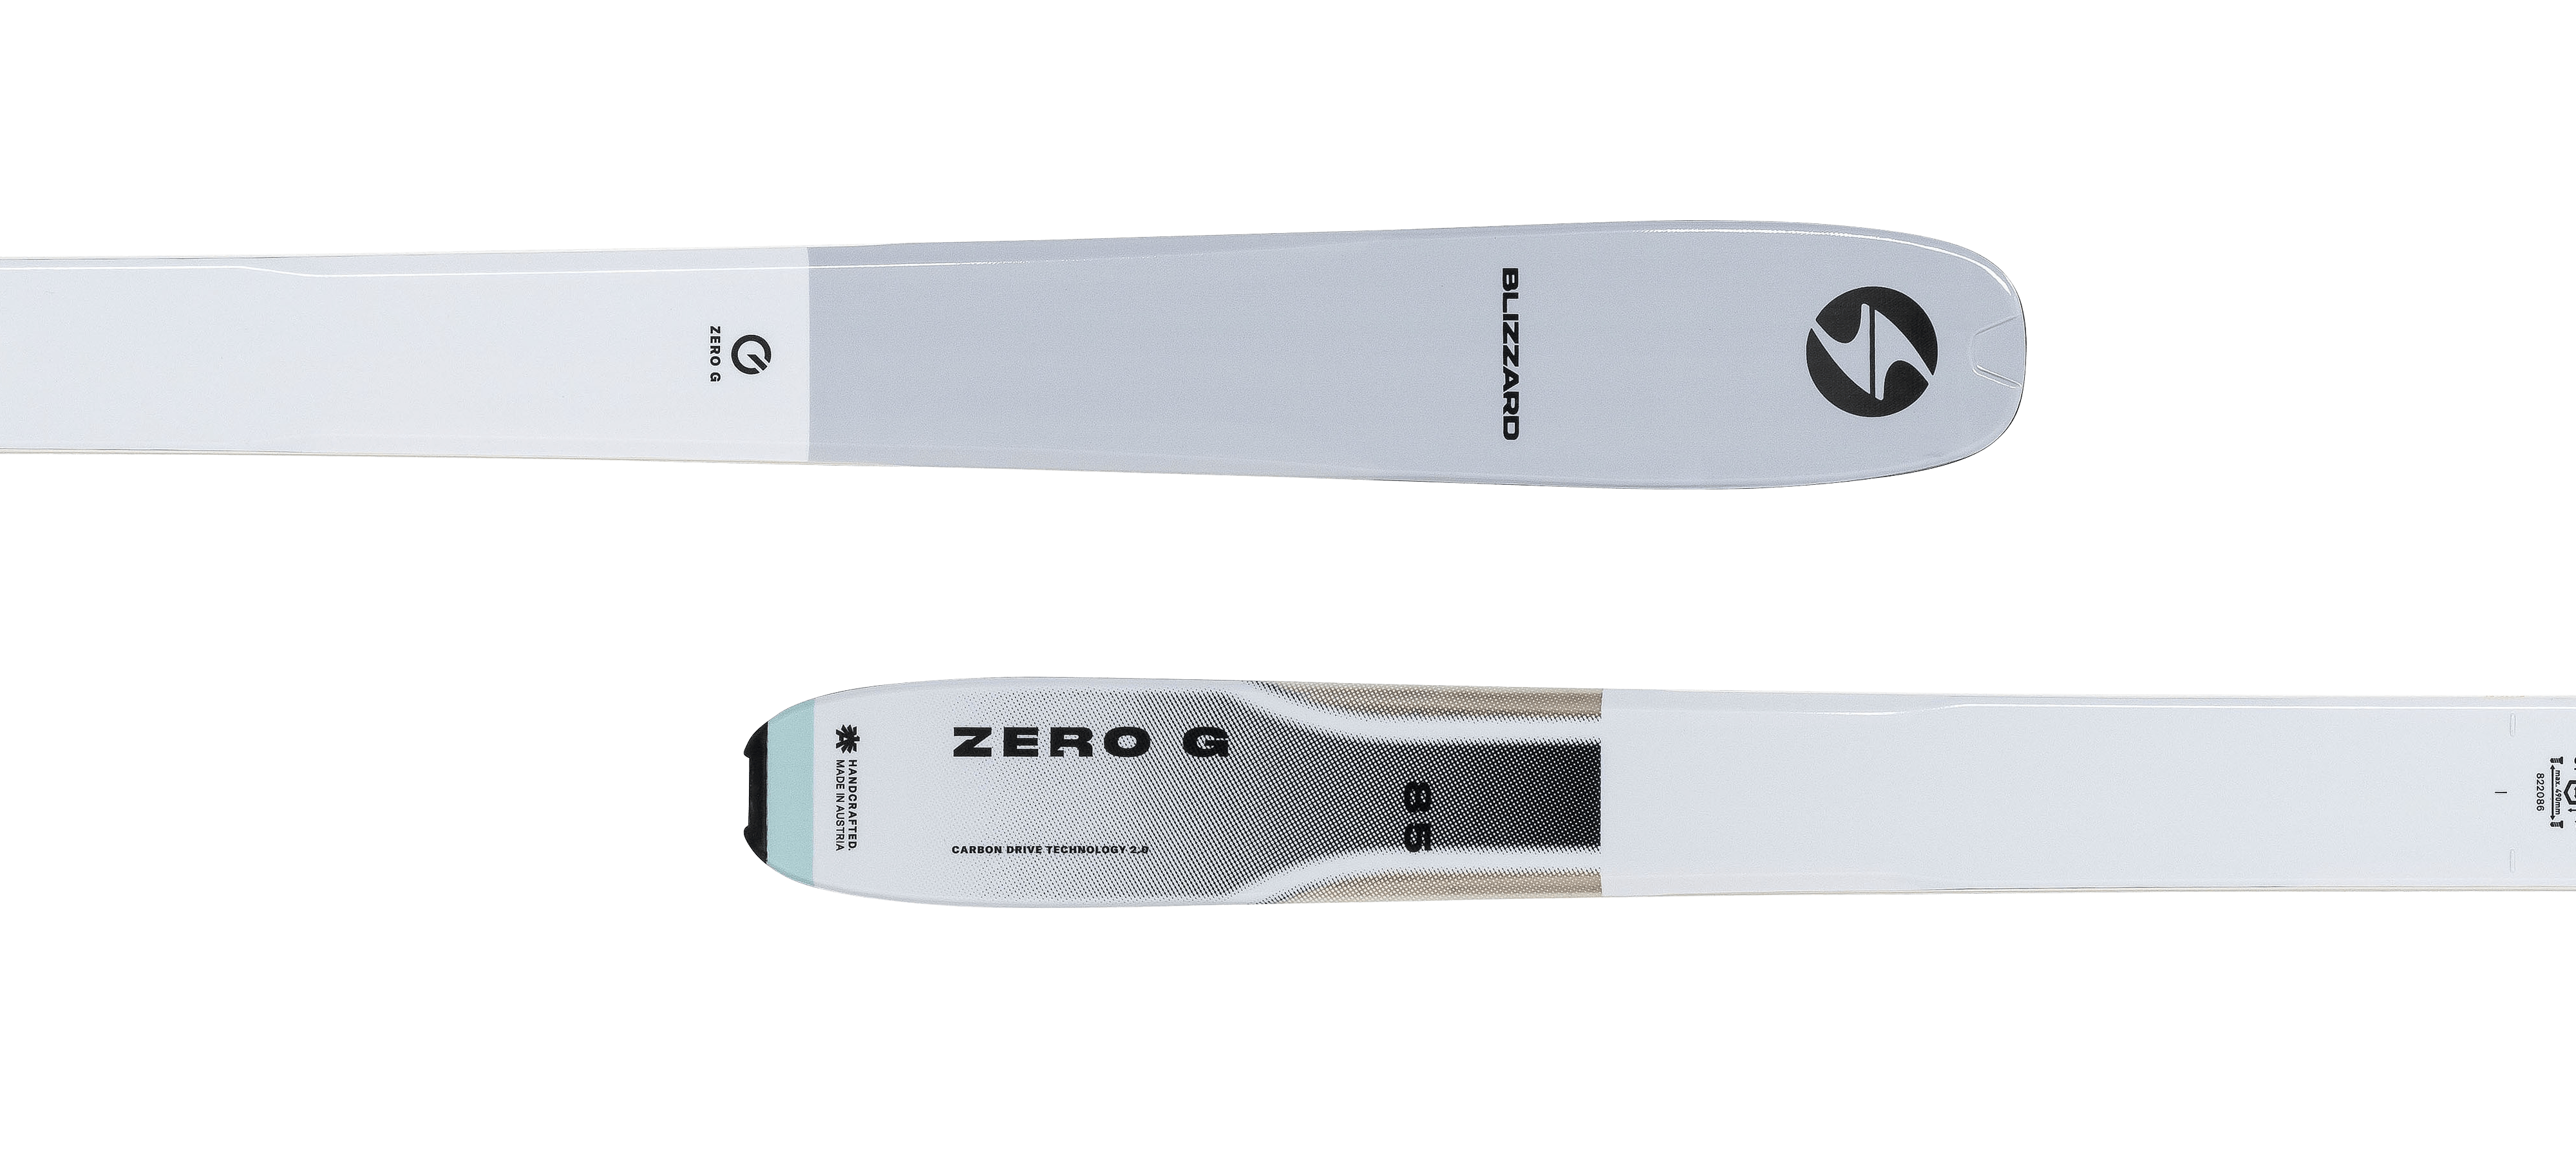 ZERO G 085